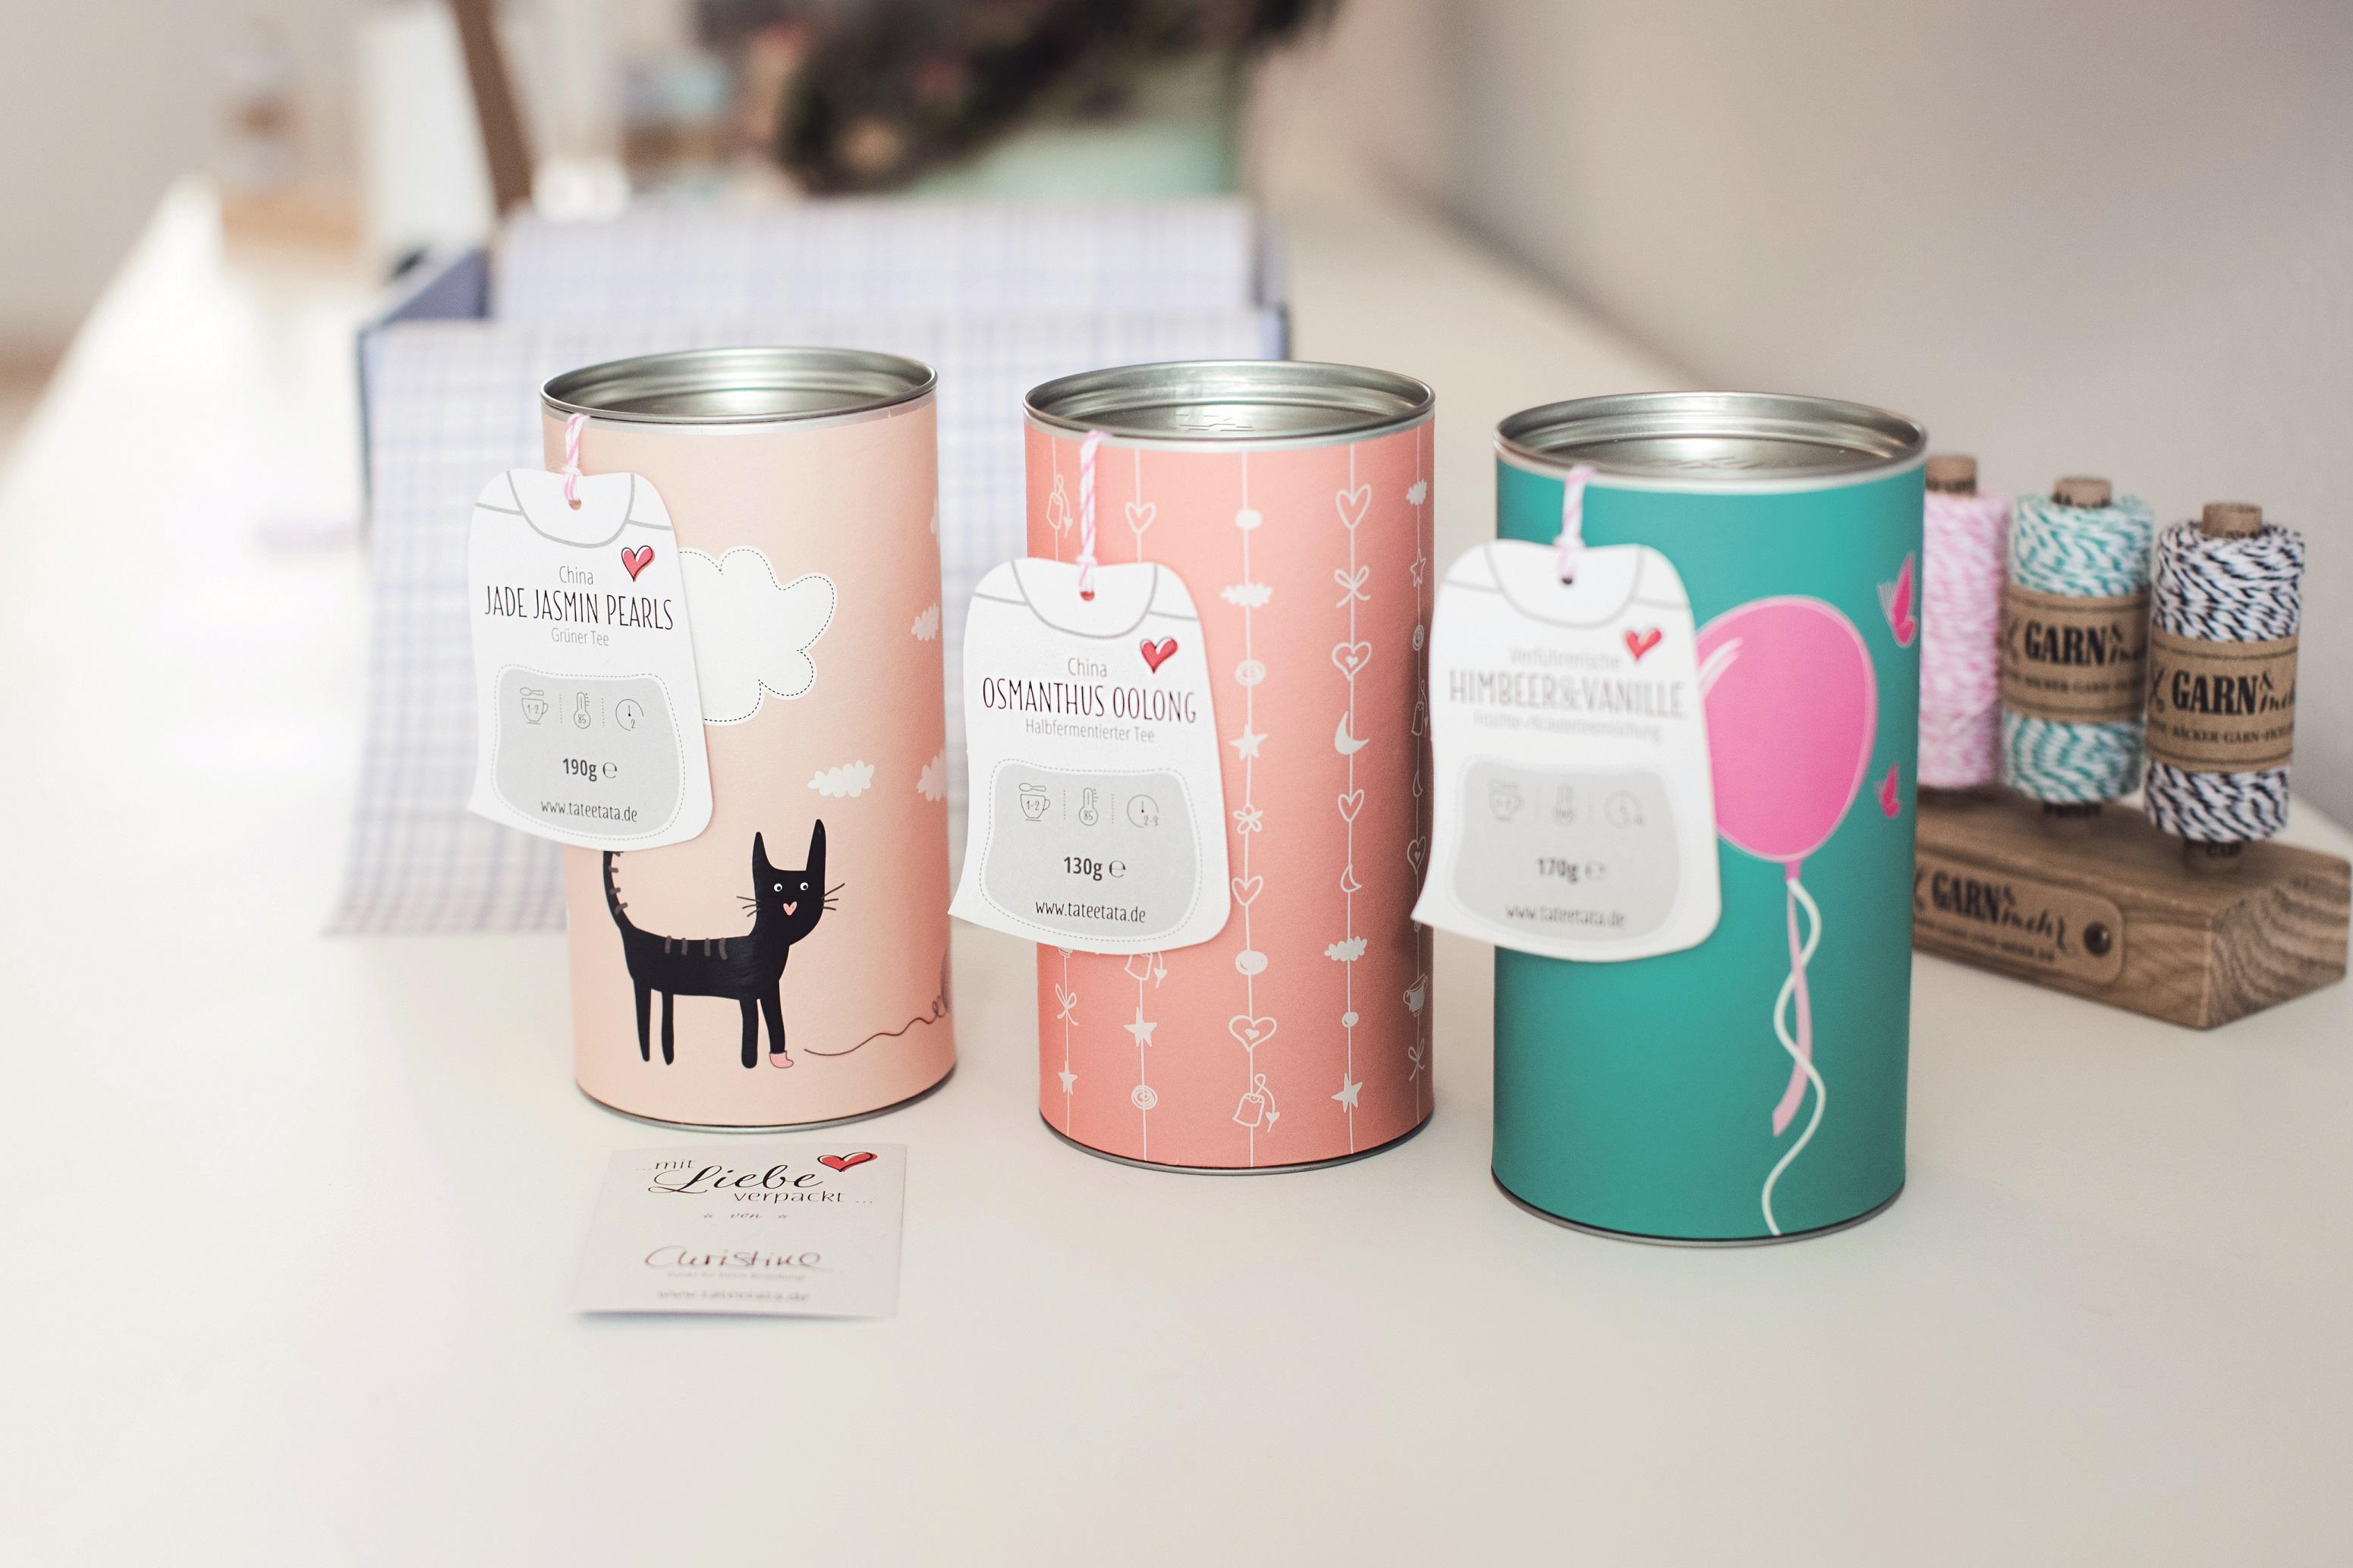 Die hübschen Tee-Geschenkdosen von TaTeeTaTa.